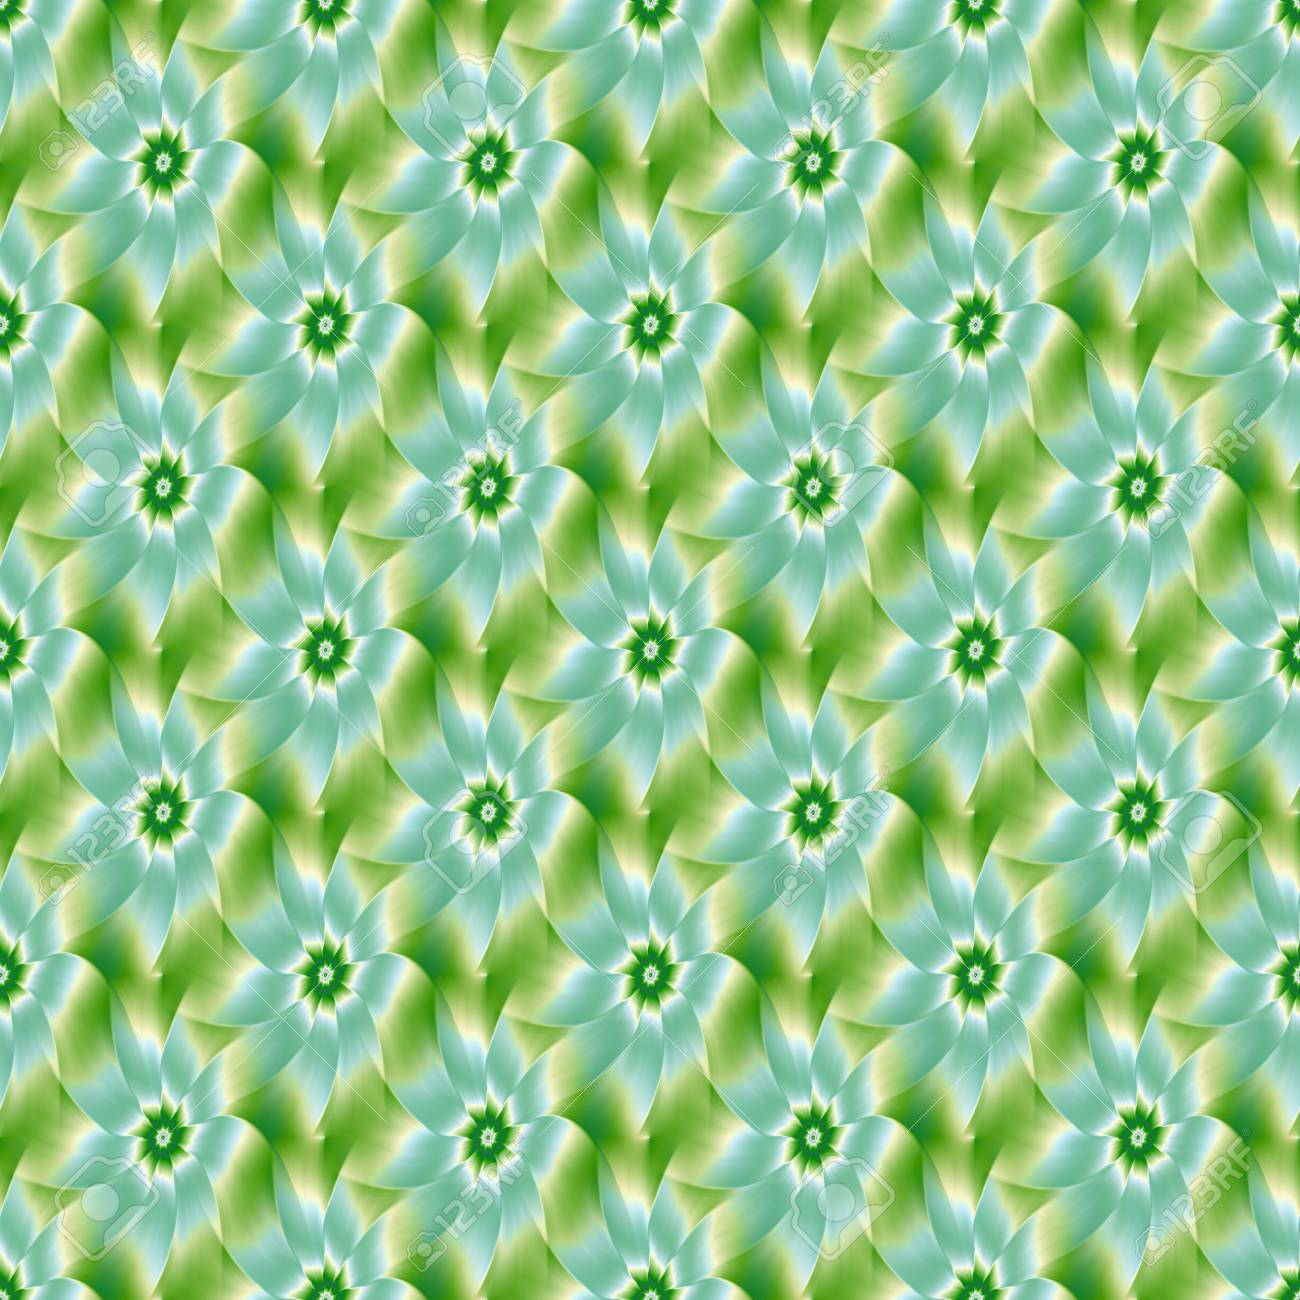 Banque Du0027images   Un Résumé Fractal Image Numérique Avec Une Conception De  Fleur En Faïence Bleu Pâle, Vert Et Blanc.